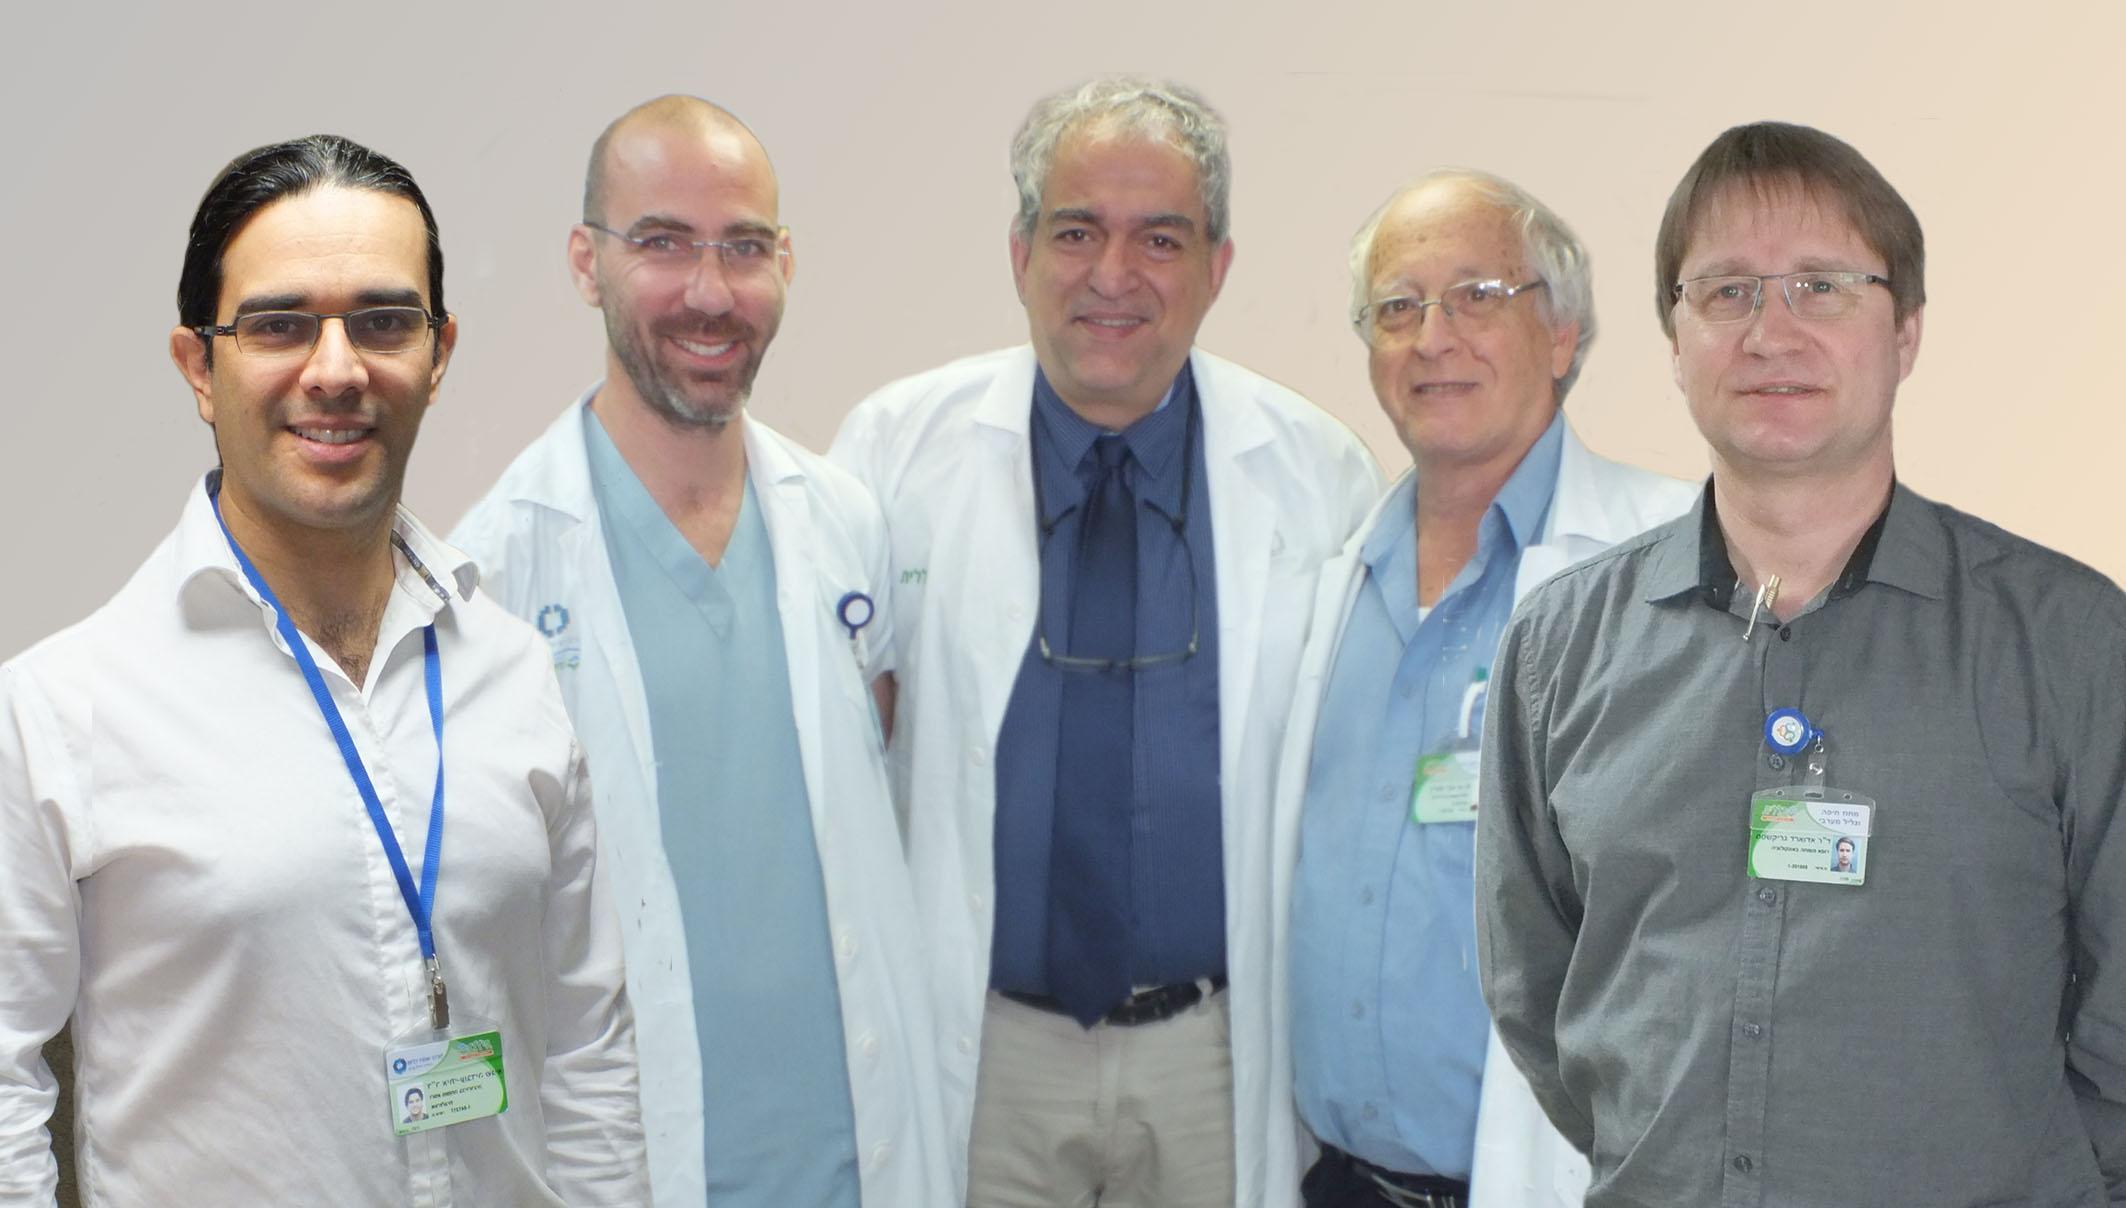 """ד""""ר יורם דקל ורופאי המרפאה האורו-אונקולוגית (צילום: אלי דדון)"""